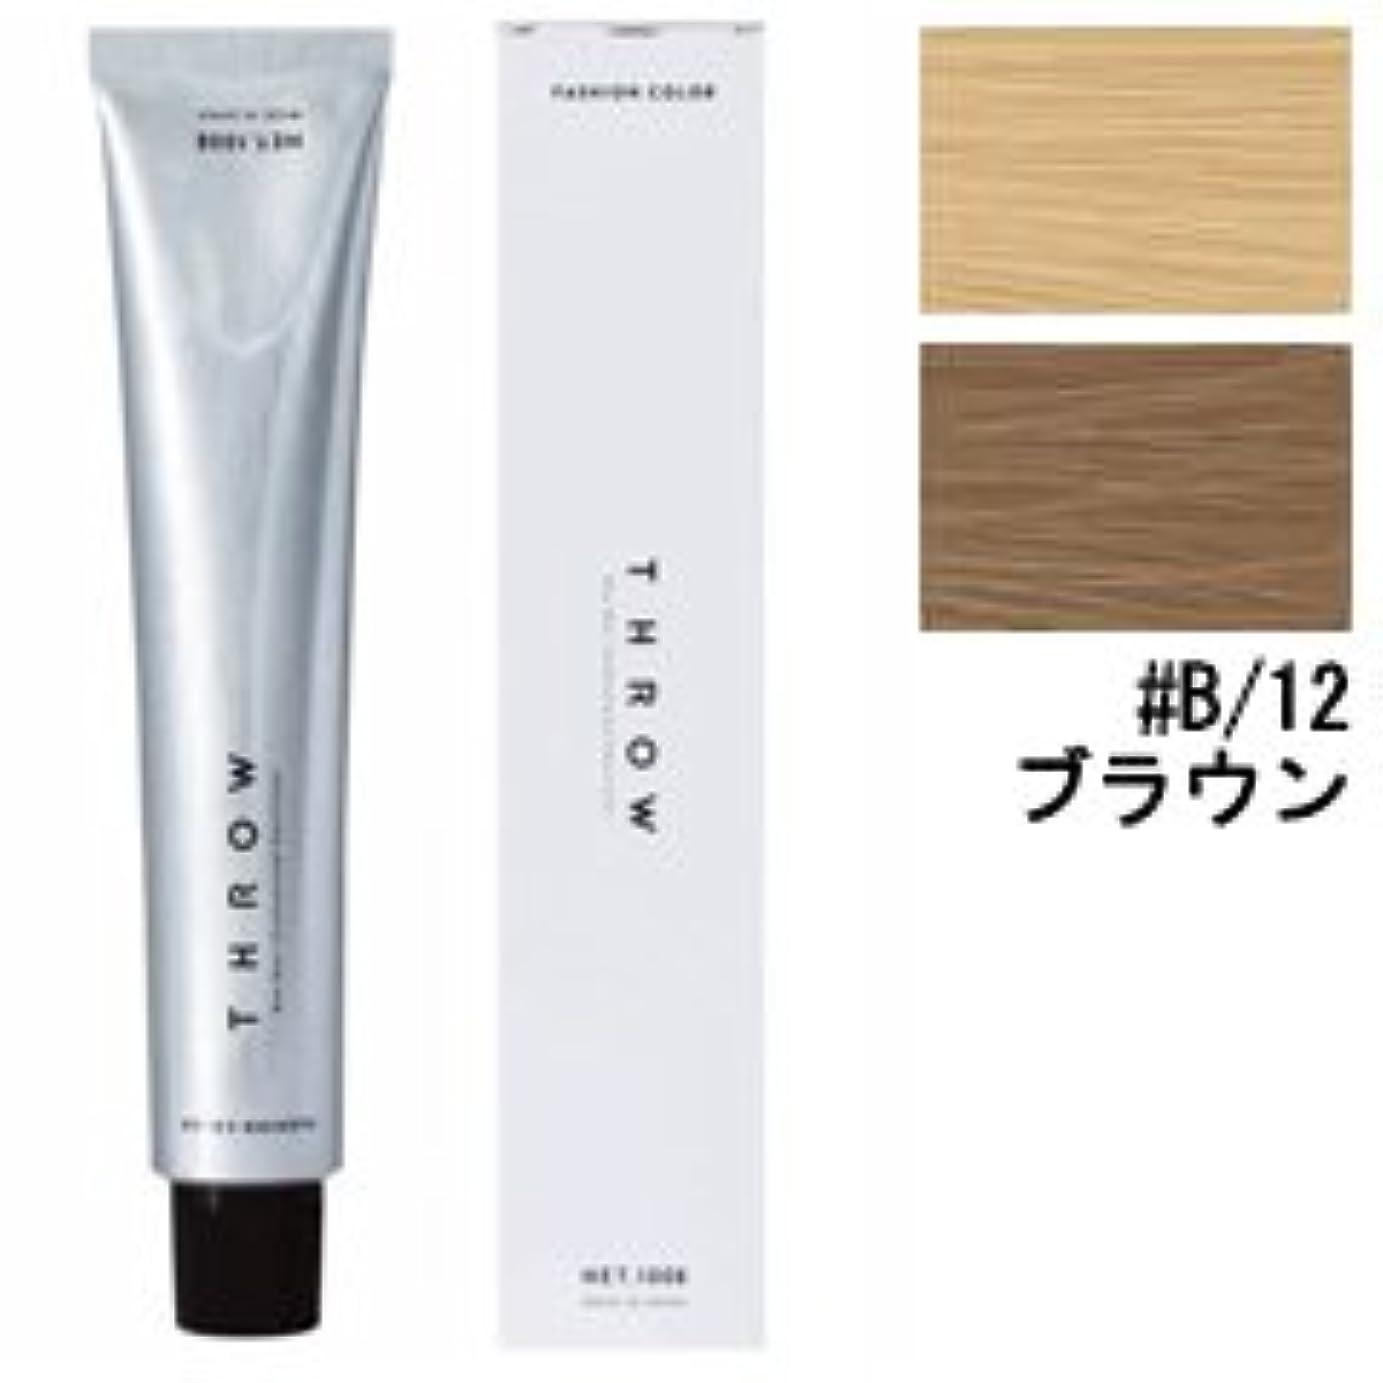 アテンダント招待食べる【モルトベーネ】スロウ ファッションカラー #B/12 ブラウン 100g